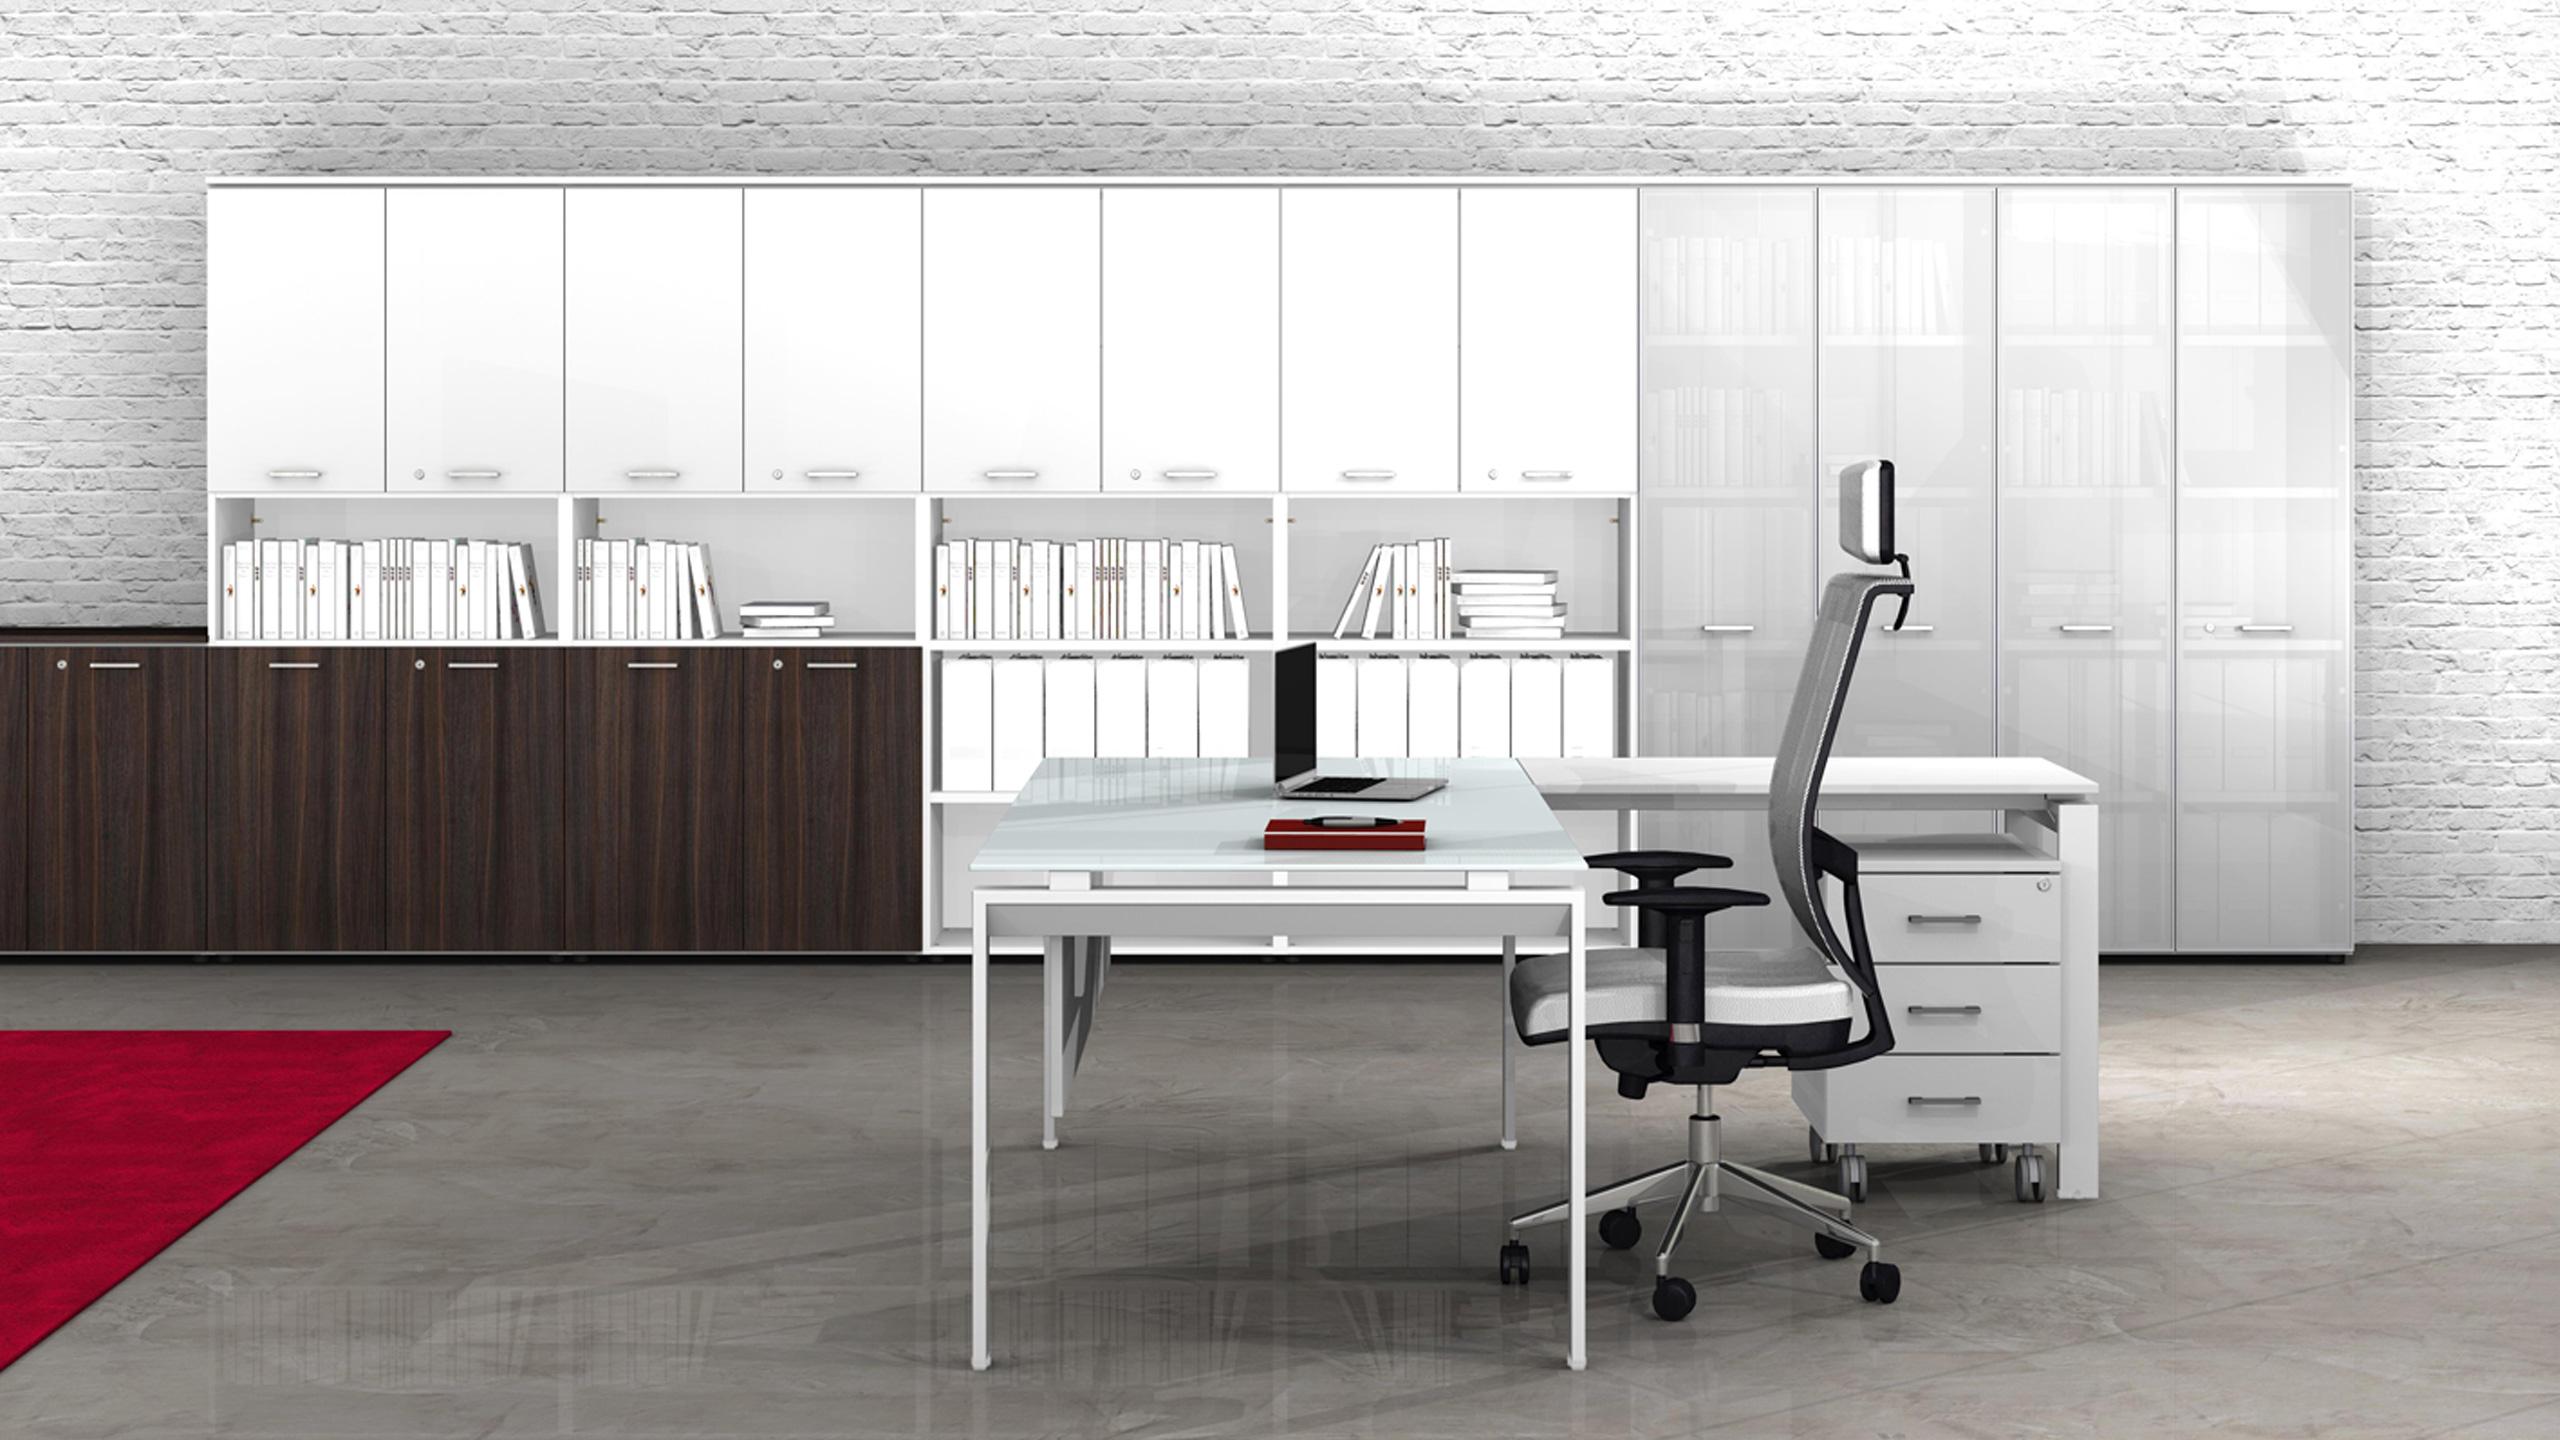 Produttori mobili per ufficio perugia fumu for Produzione mobili ufficio